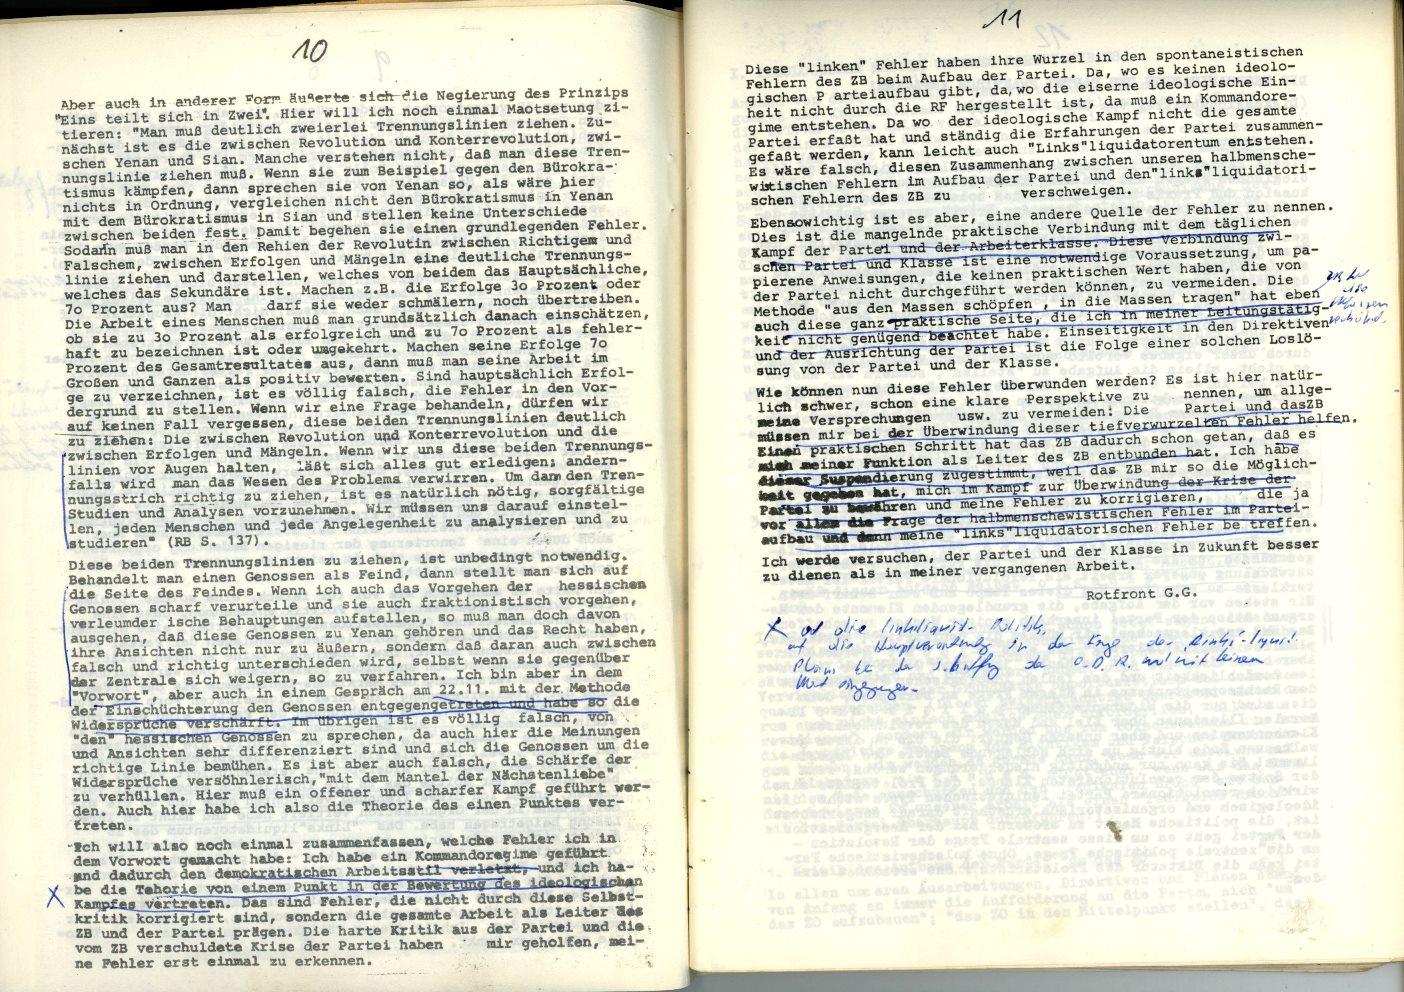 ZB_1972_Diskussionsorgan_zur_ersten_Parteikonferenz_07